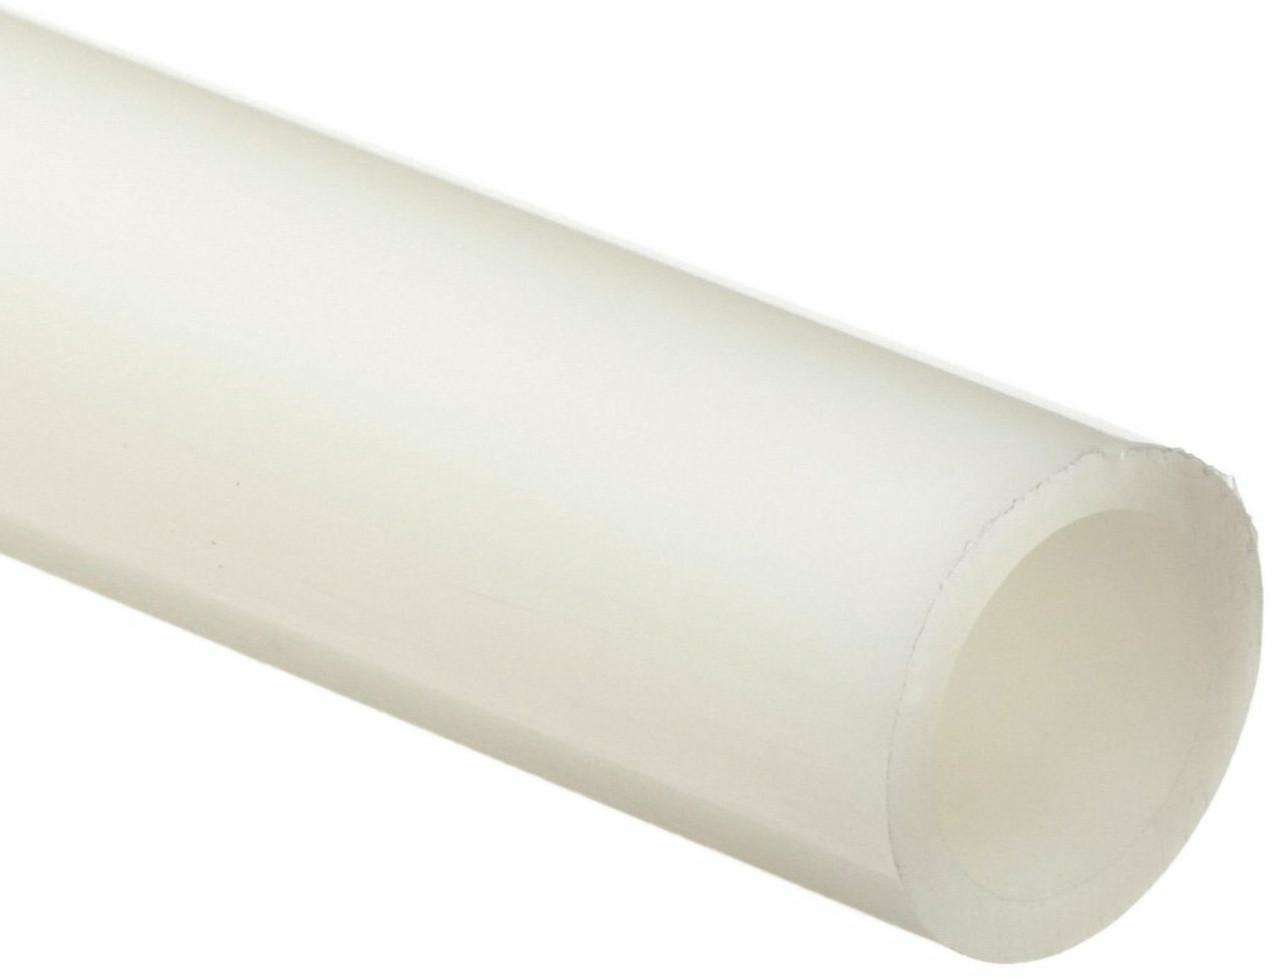 Nylaflow Nylon Tubing